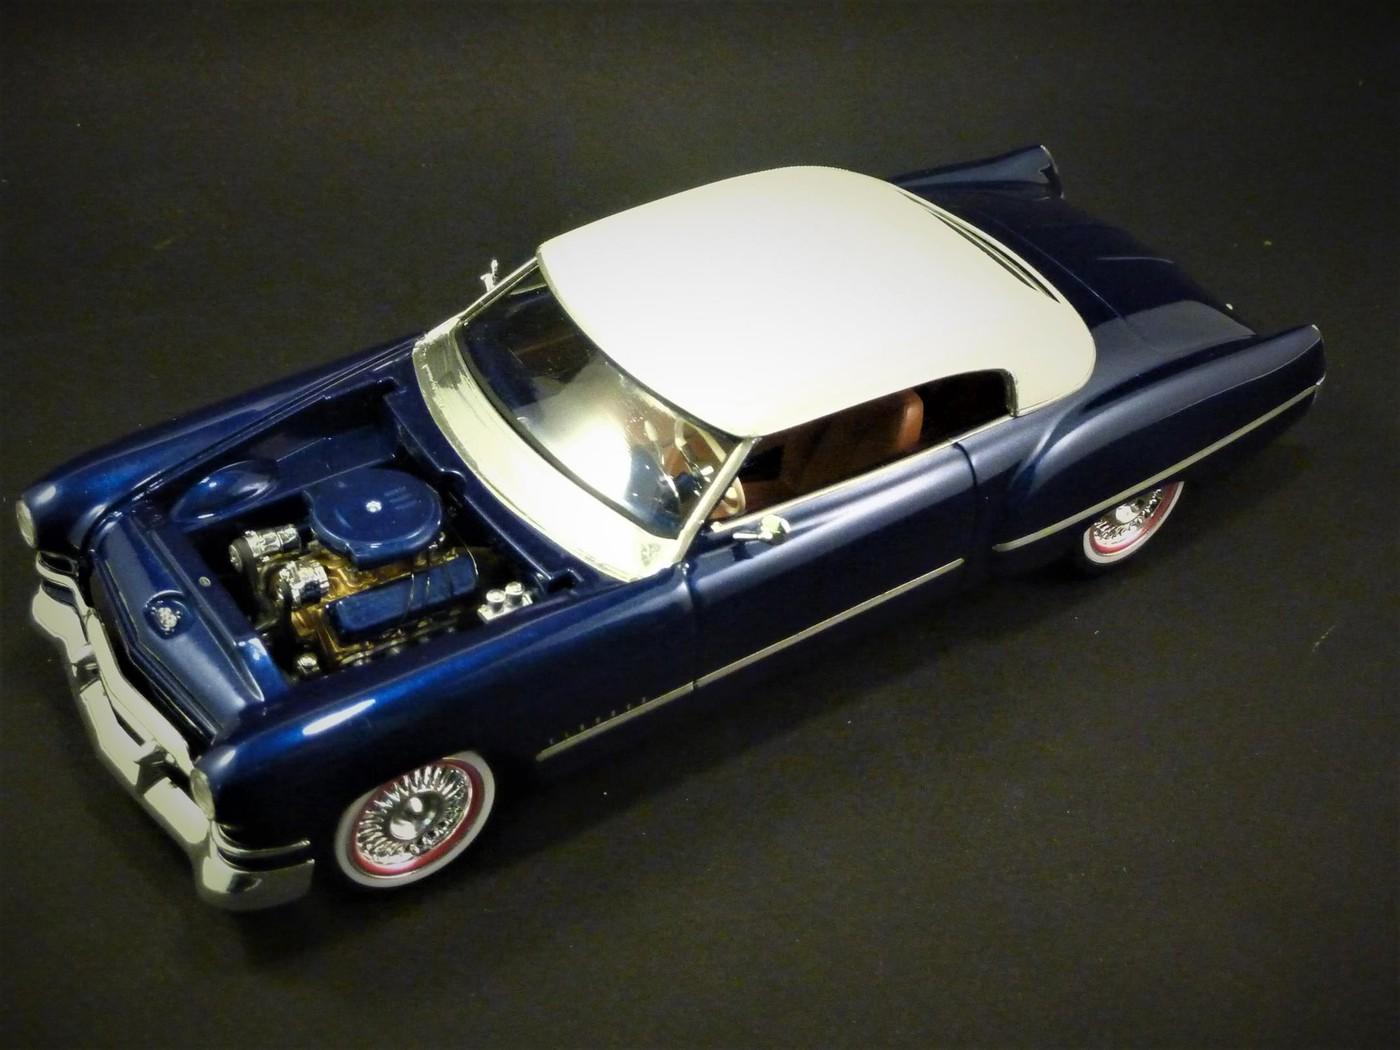 Projet Cadillac 48 Foose  - Page 2 Photo5-vi